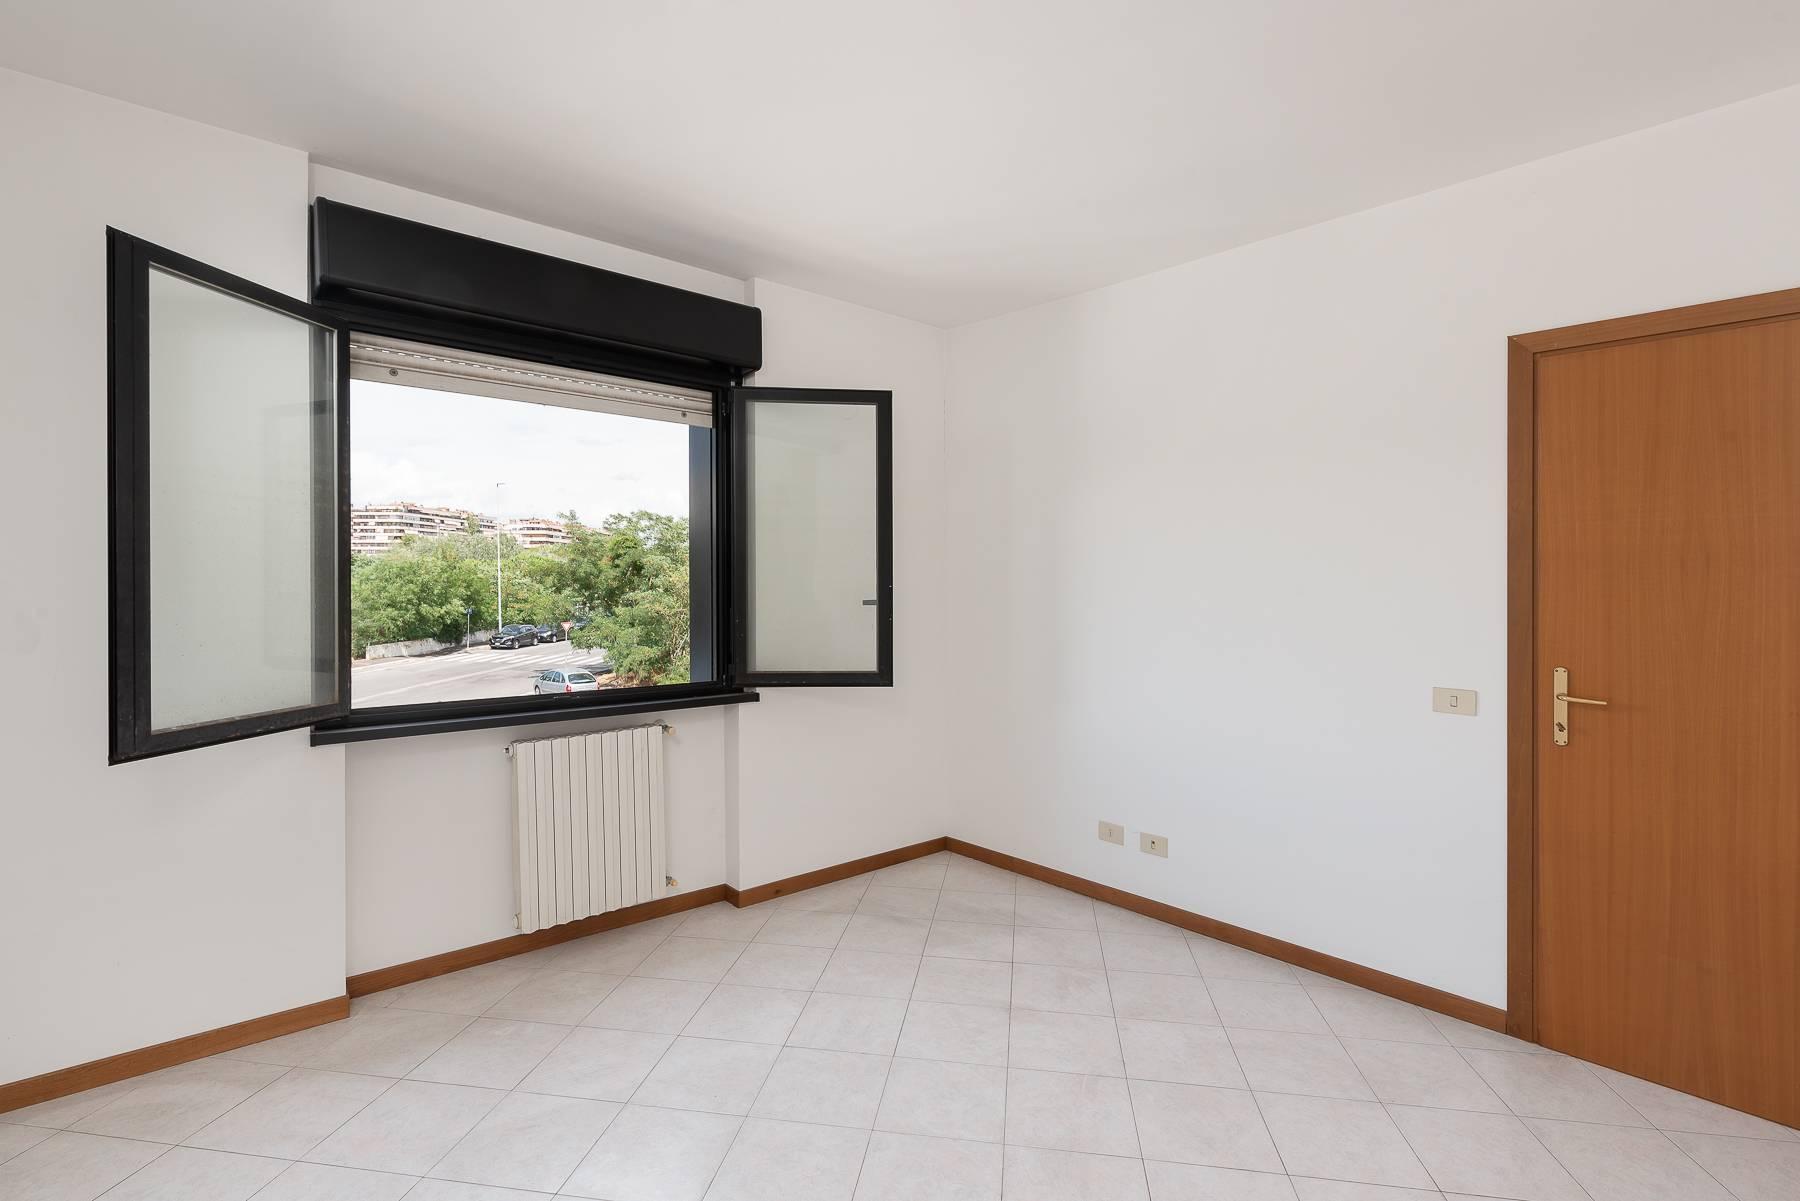 Appartamento in Vendita a Roma: 3 locali, 101 mq - Foto 7